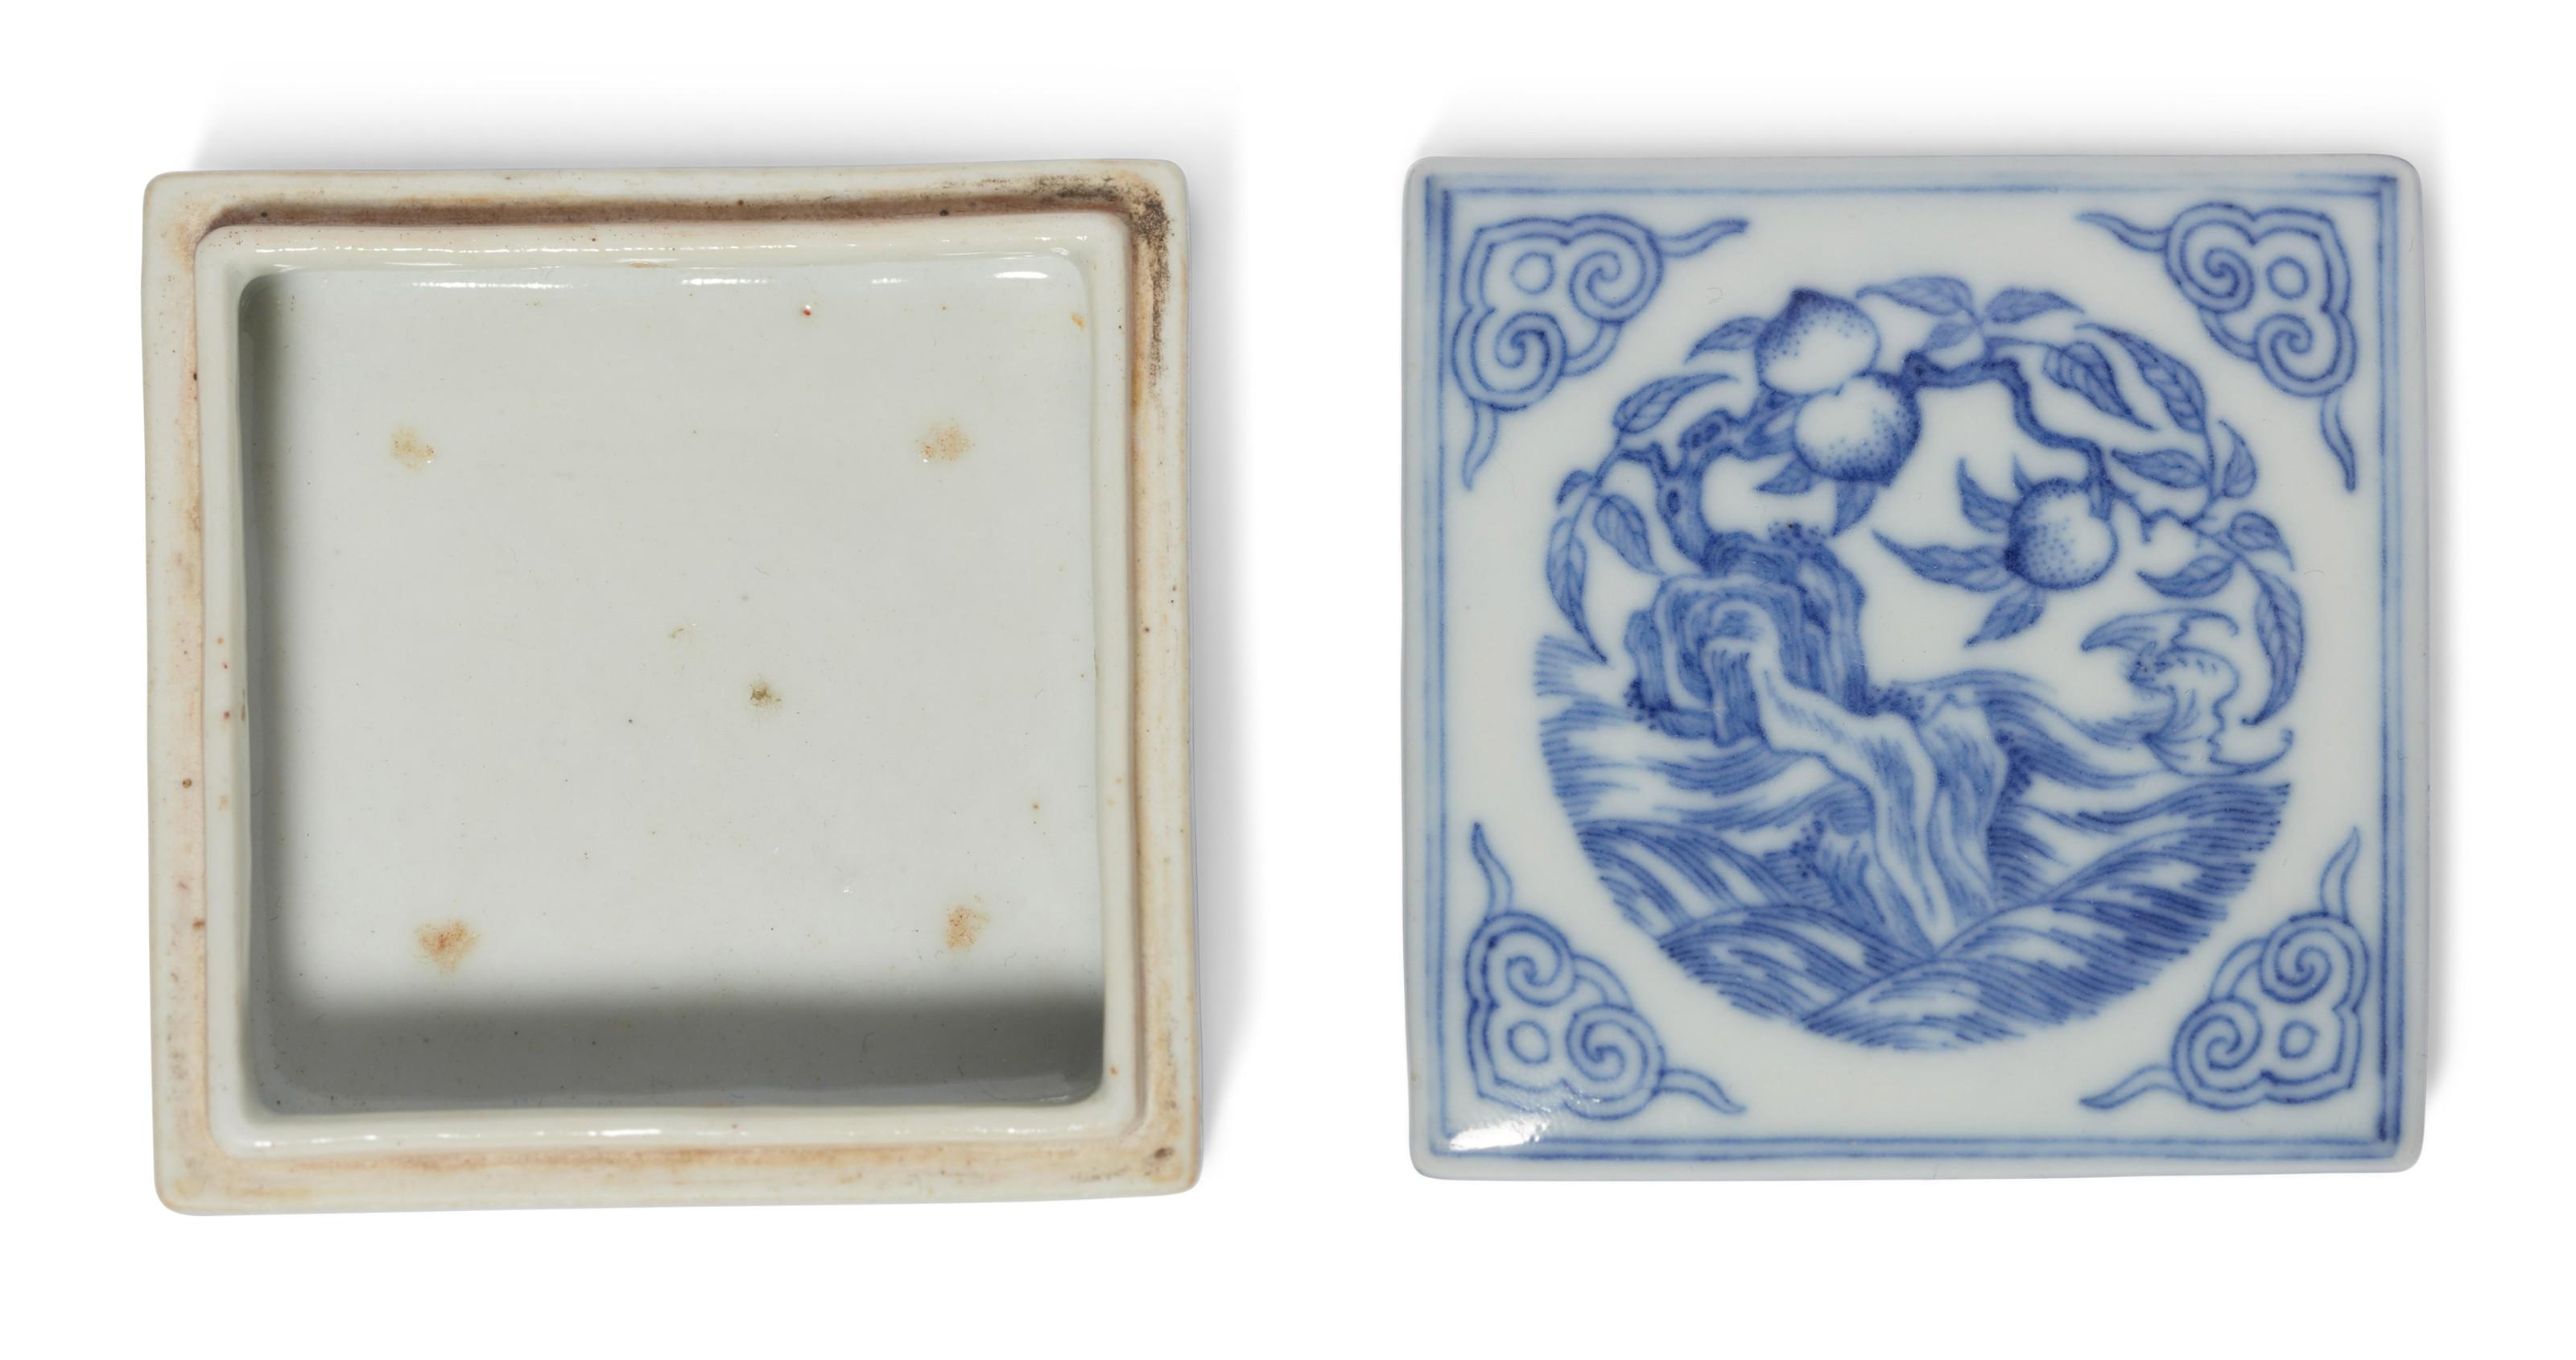 清十八/十九世纪 青花福寿纹盖盒